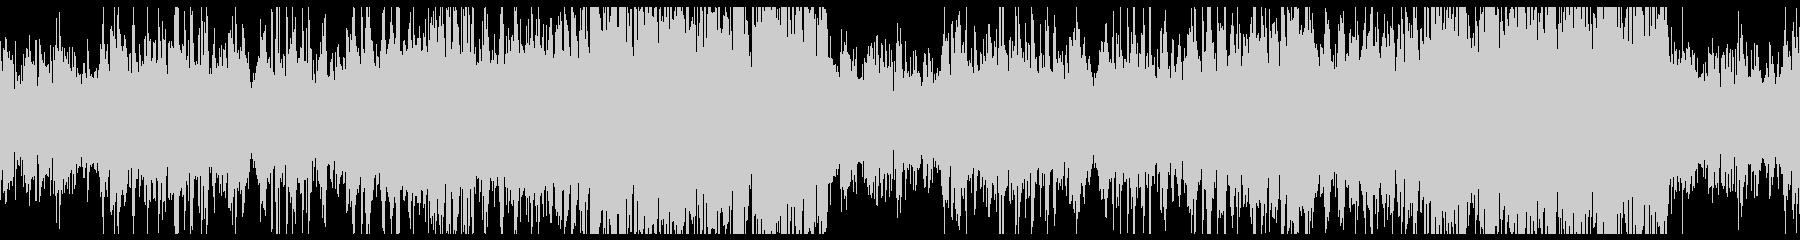 FF・ピアノニューコンテニューループの未再生の波形